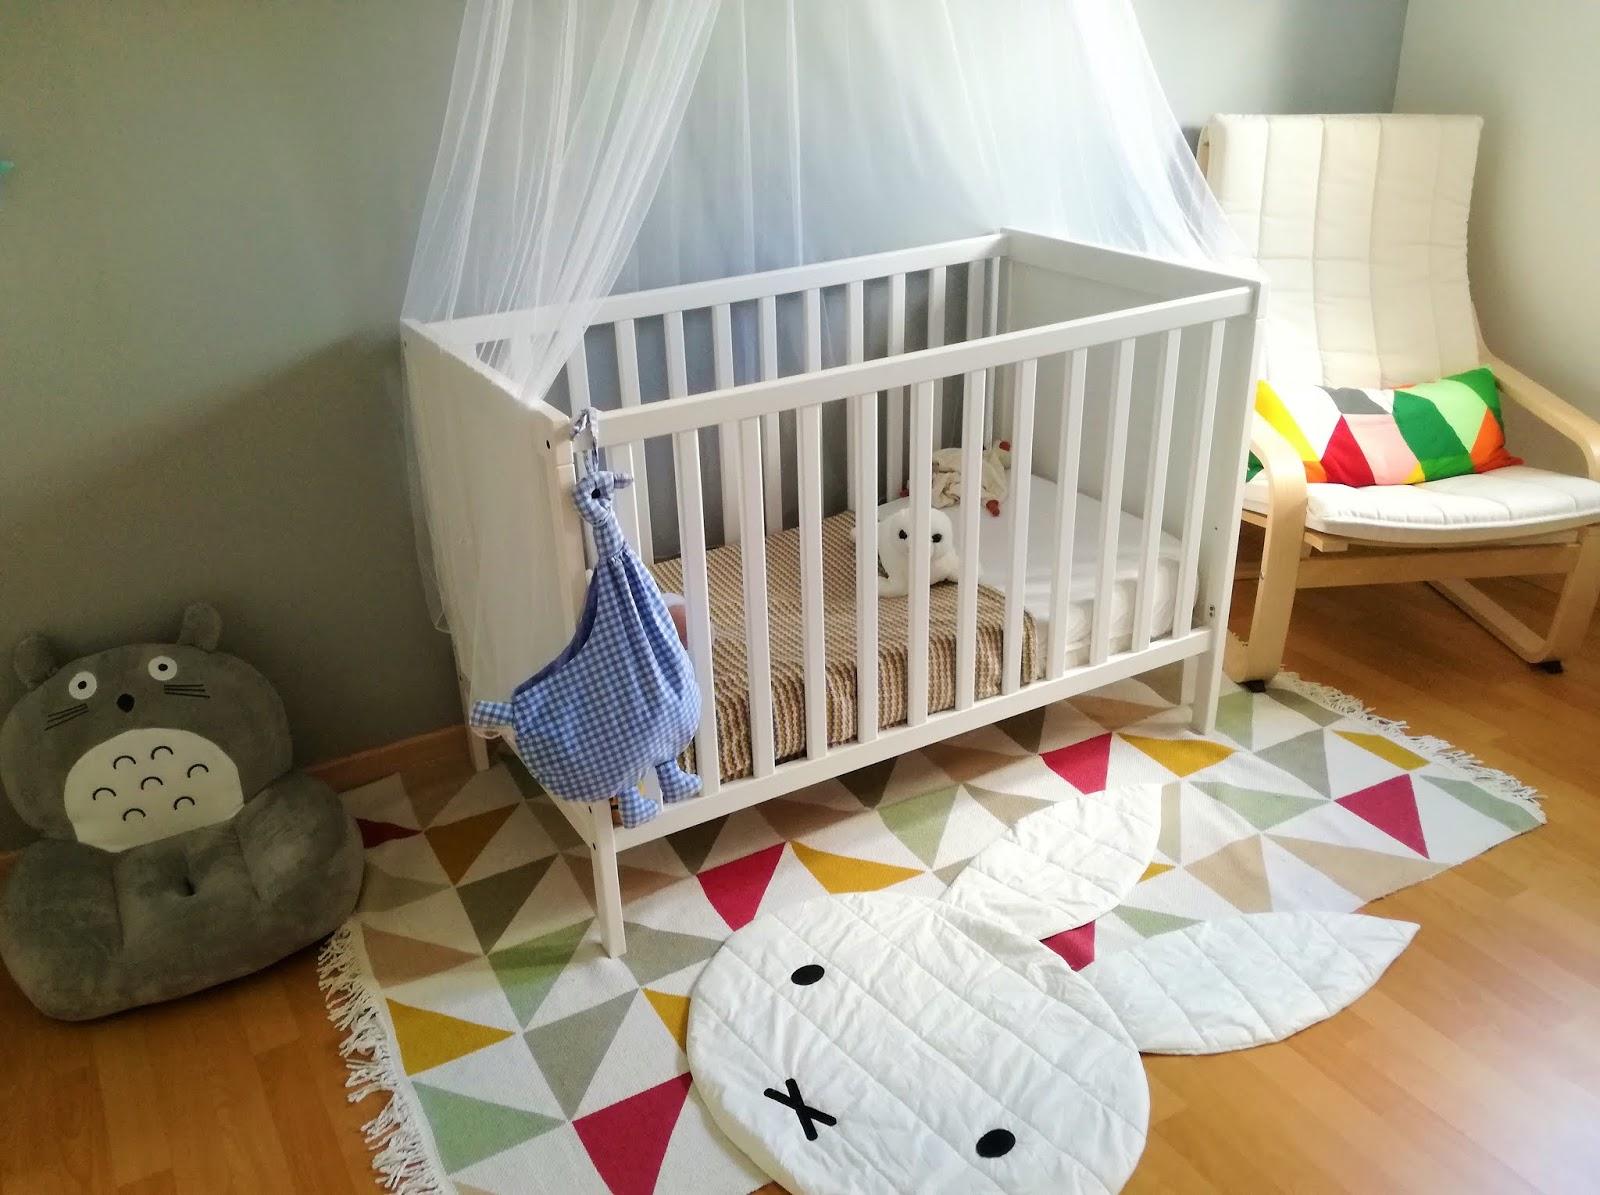 D co chambre b b scandinave et g om trique truc tricks - Deco scandinave chambre bebe ...